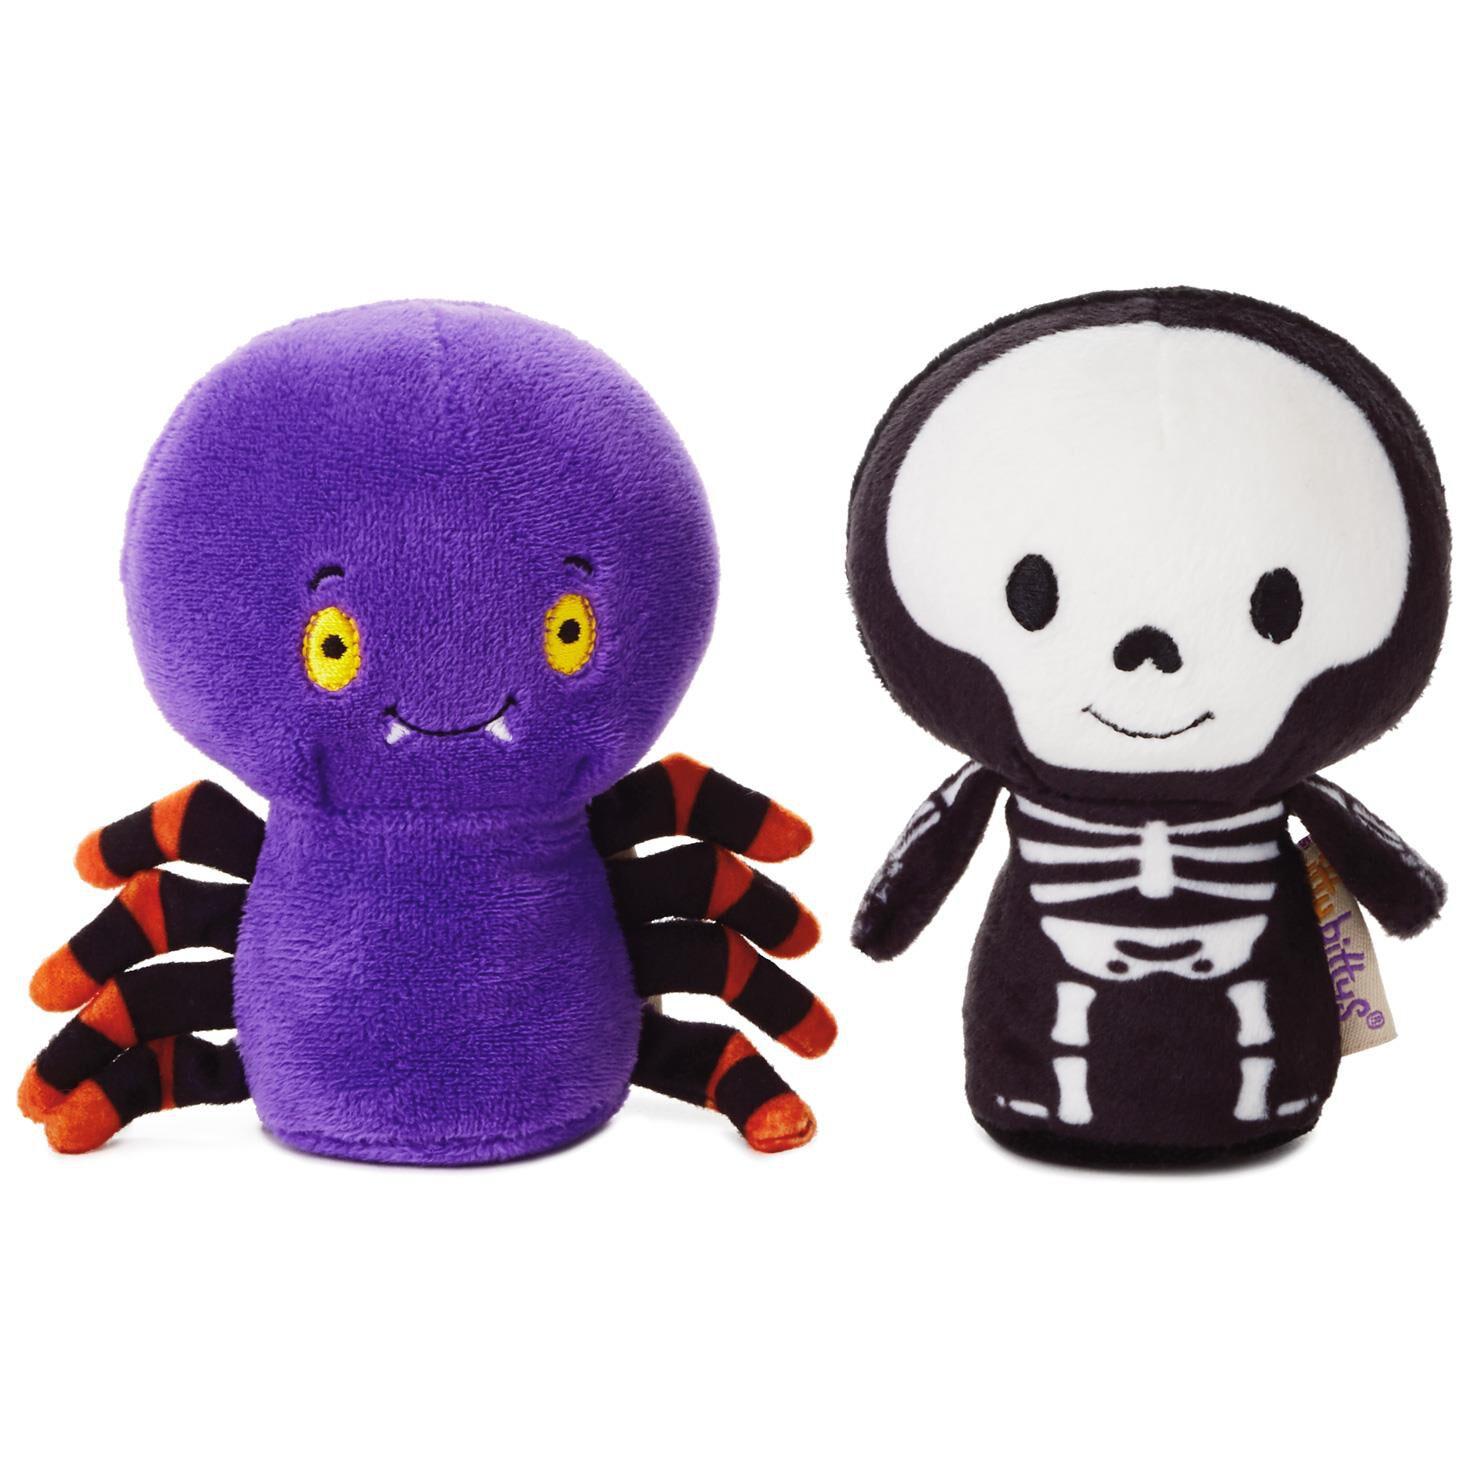 itty bittys® Halloween Spider and Skeleton Stuffed Animals, Set of 2 - itty  bittys® - Hallmark - Itty Bittys® Halloween Spider And Skeleton Stuffed Animals, Set Of